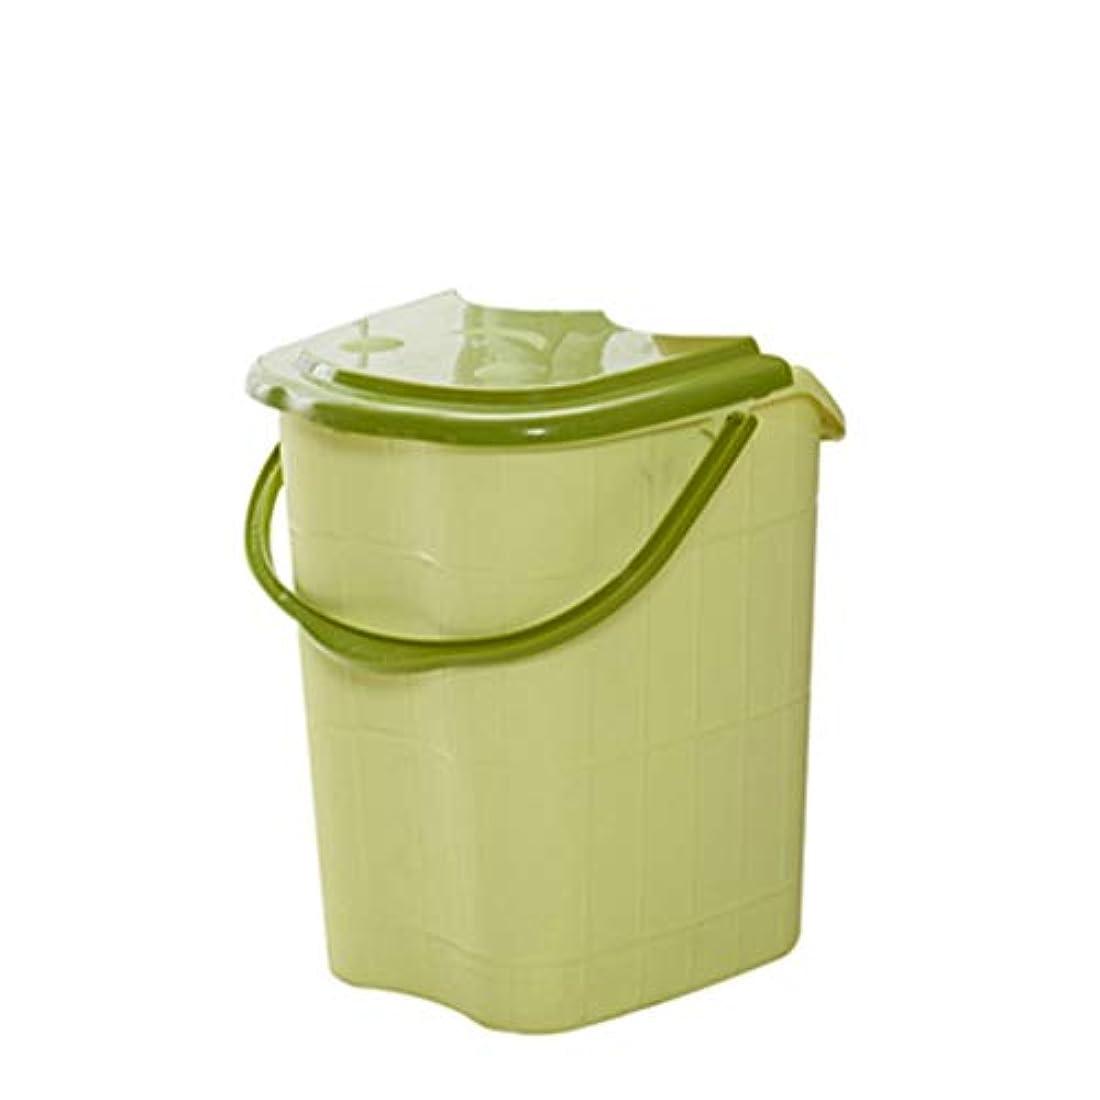 密割るウィンクBB- ?AMT高さ特大マッサージ浴槽ポータブルふた付きフットバスバケット熱保存デトックススパボウル 0405 (色 : 緑, サイズ さいず : 44*42*53cm)